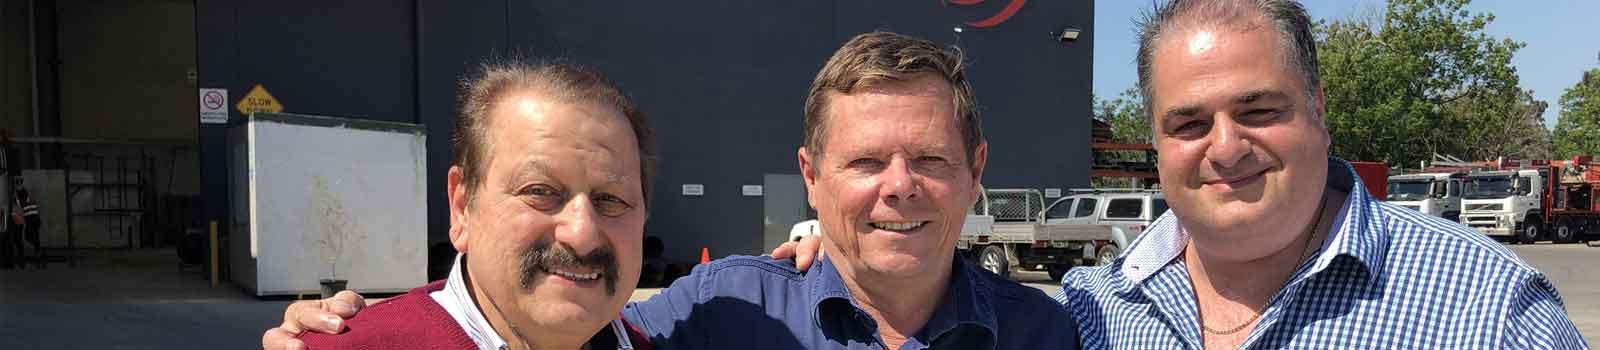 Jim Shooter Retires